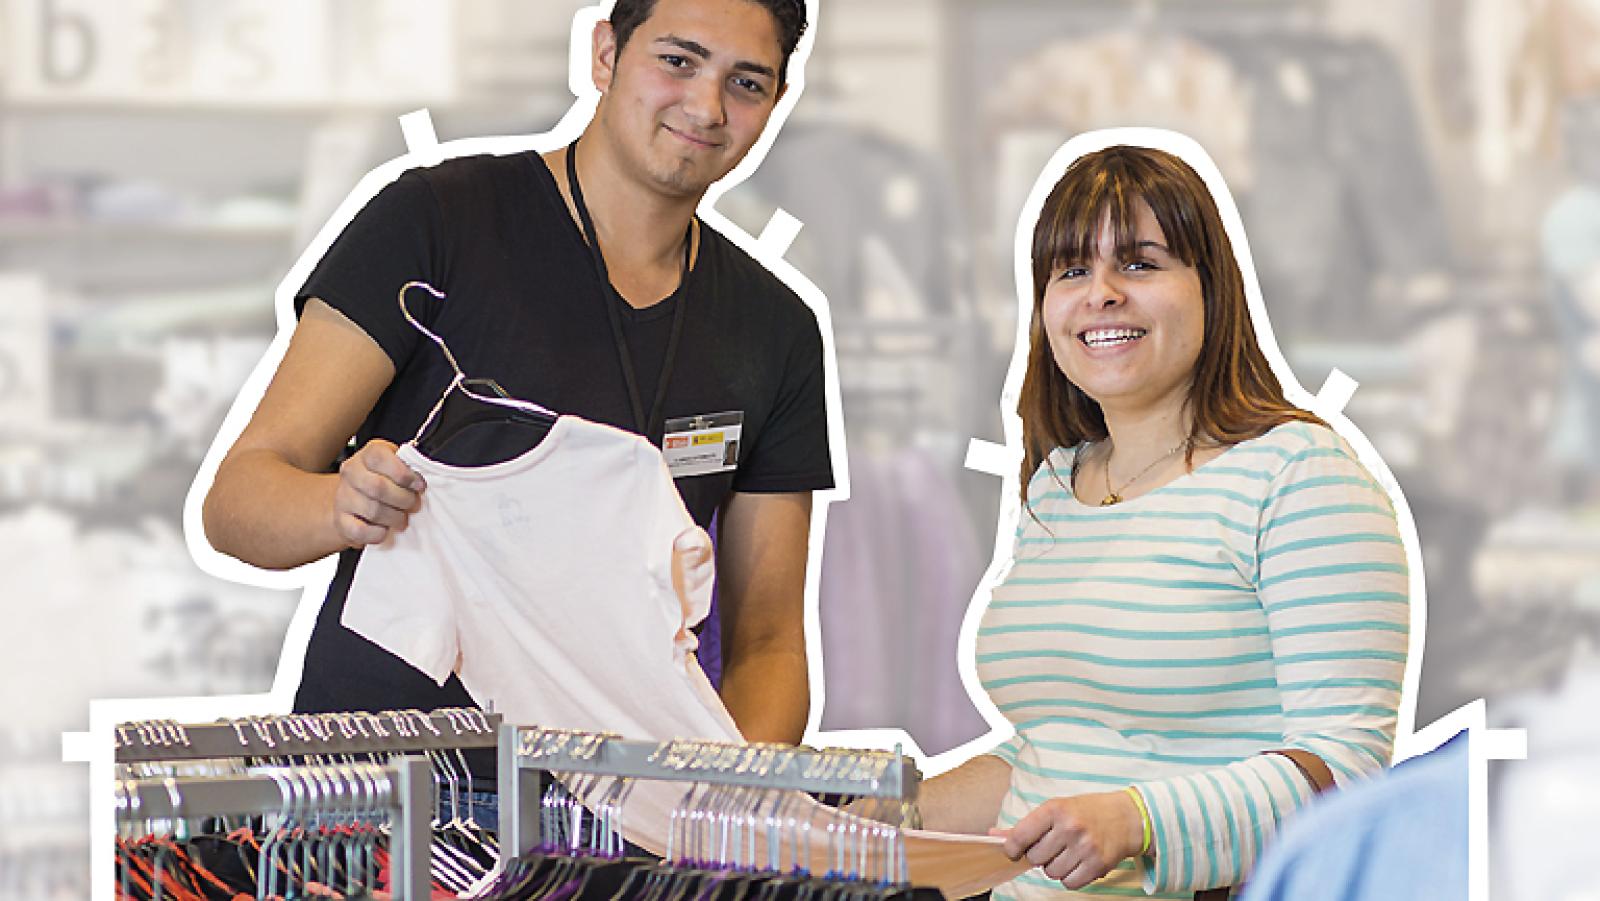 España vuelta y vuelta - 'Aprender trabajando' o cómo ayudar a jóvenes en peligro de exclusión social - Escuchar ahora